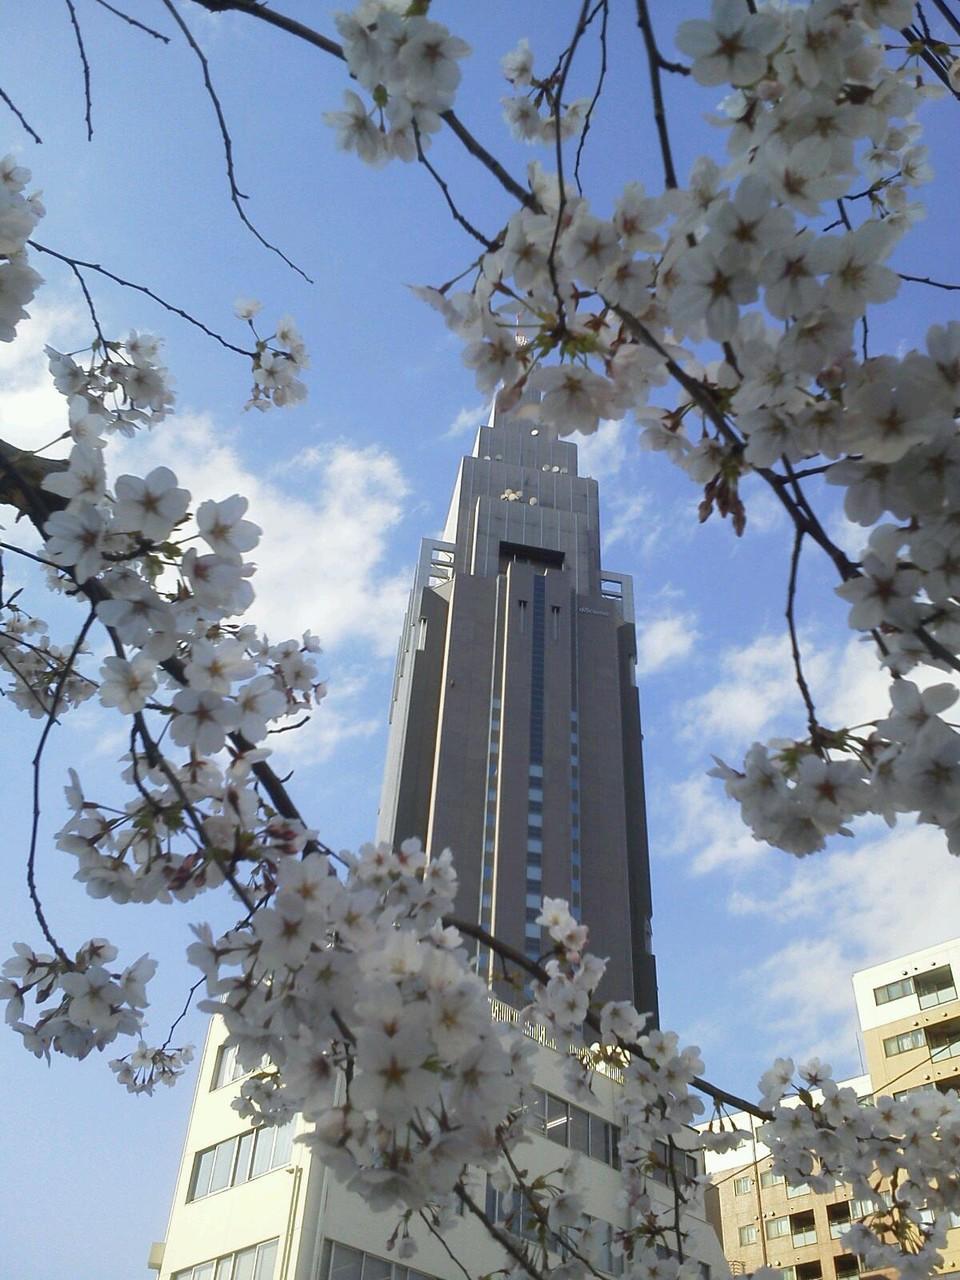 桜、ドコモ、もふもふ。 (´▽`) 【2012年4月6日】